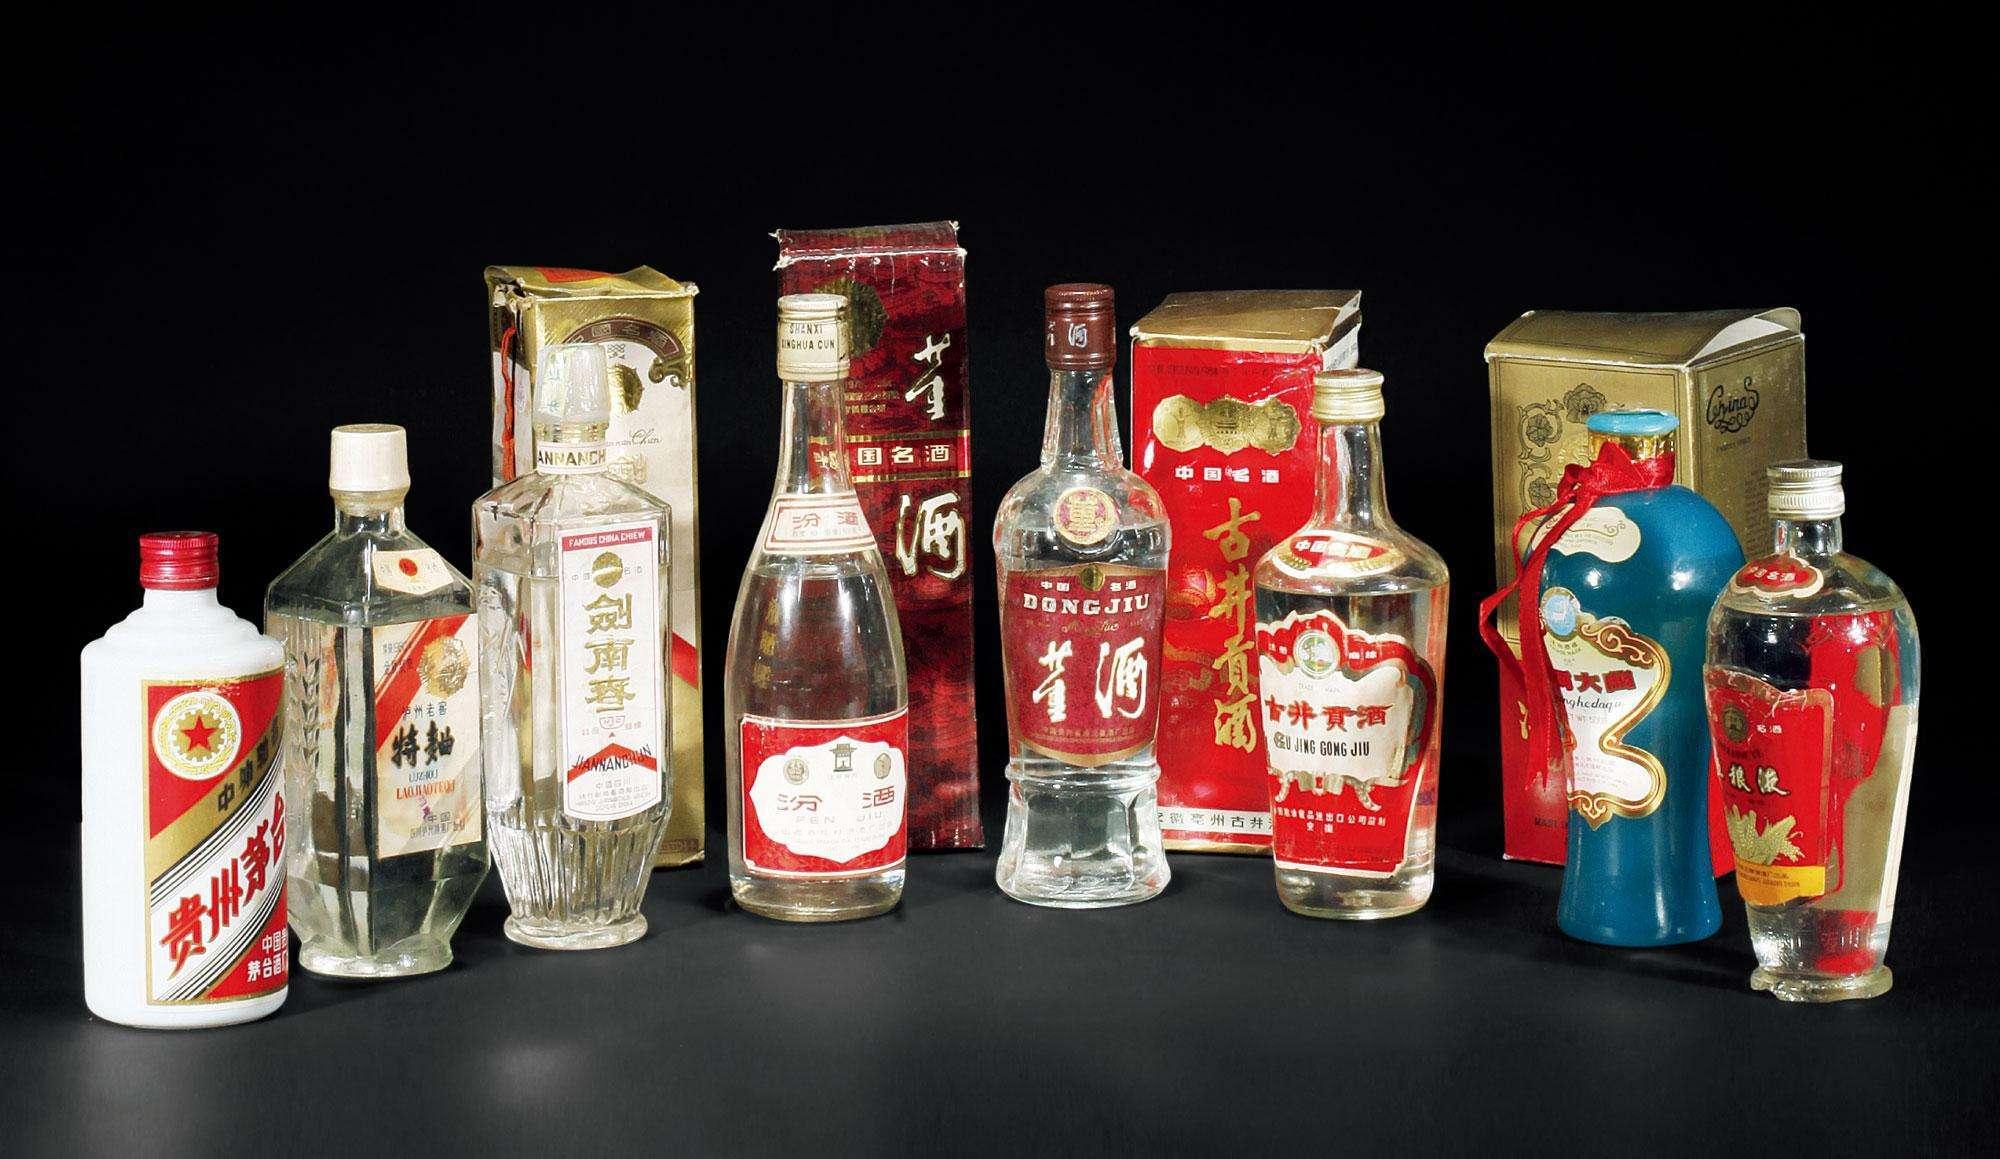 老八大名酒 中国老八大名酒排名(白酒排名)